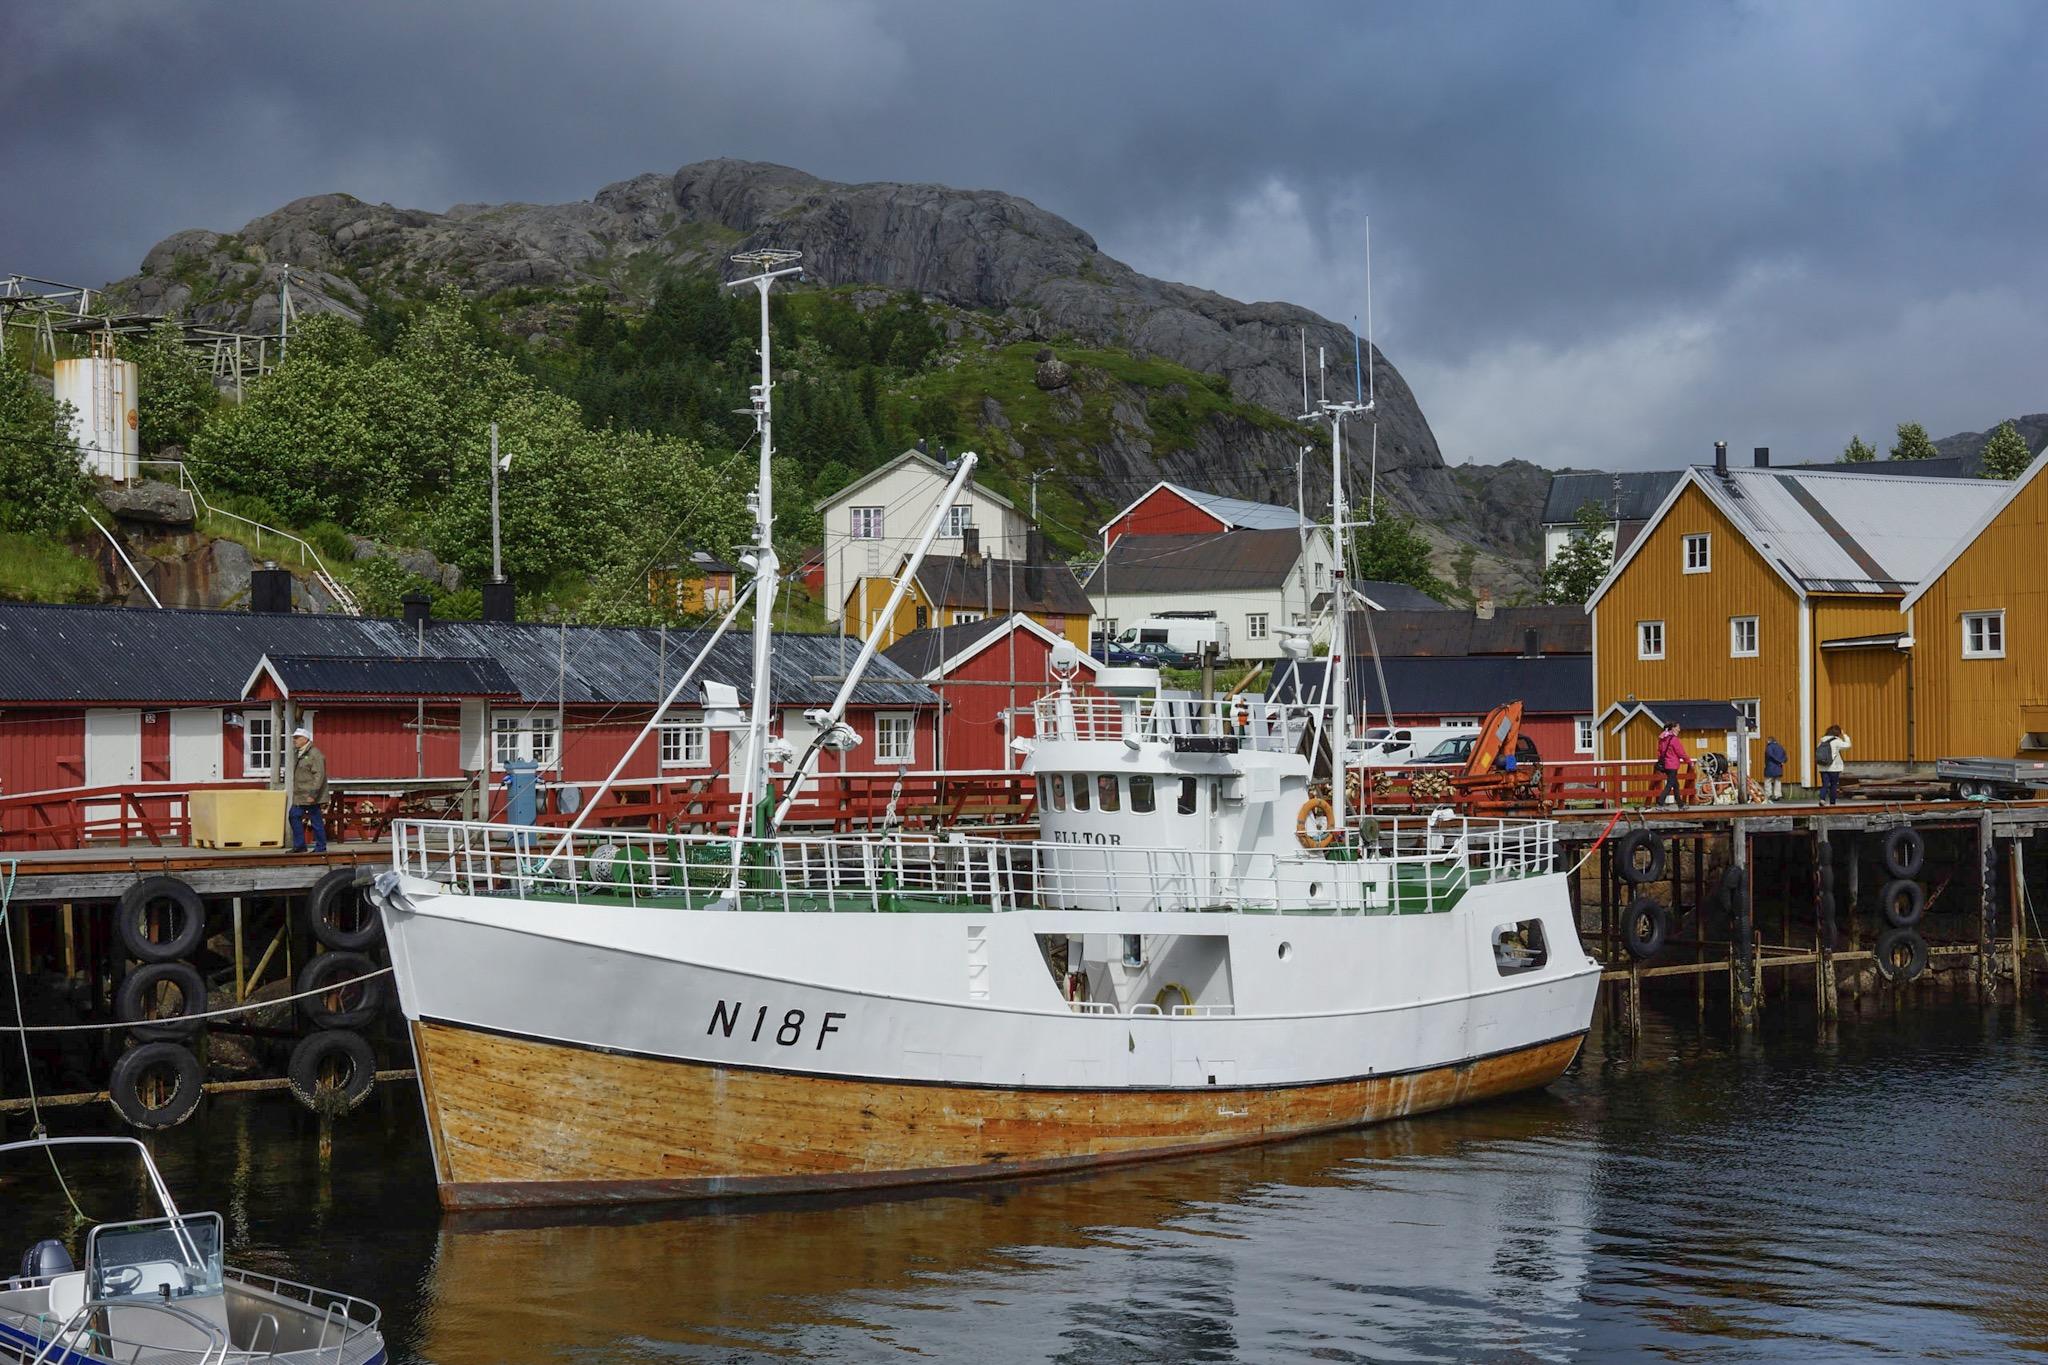 MV Elltor